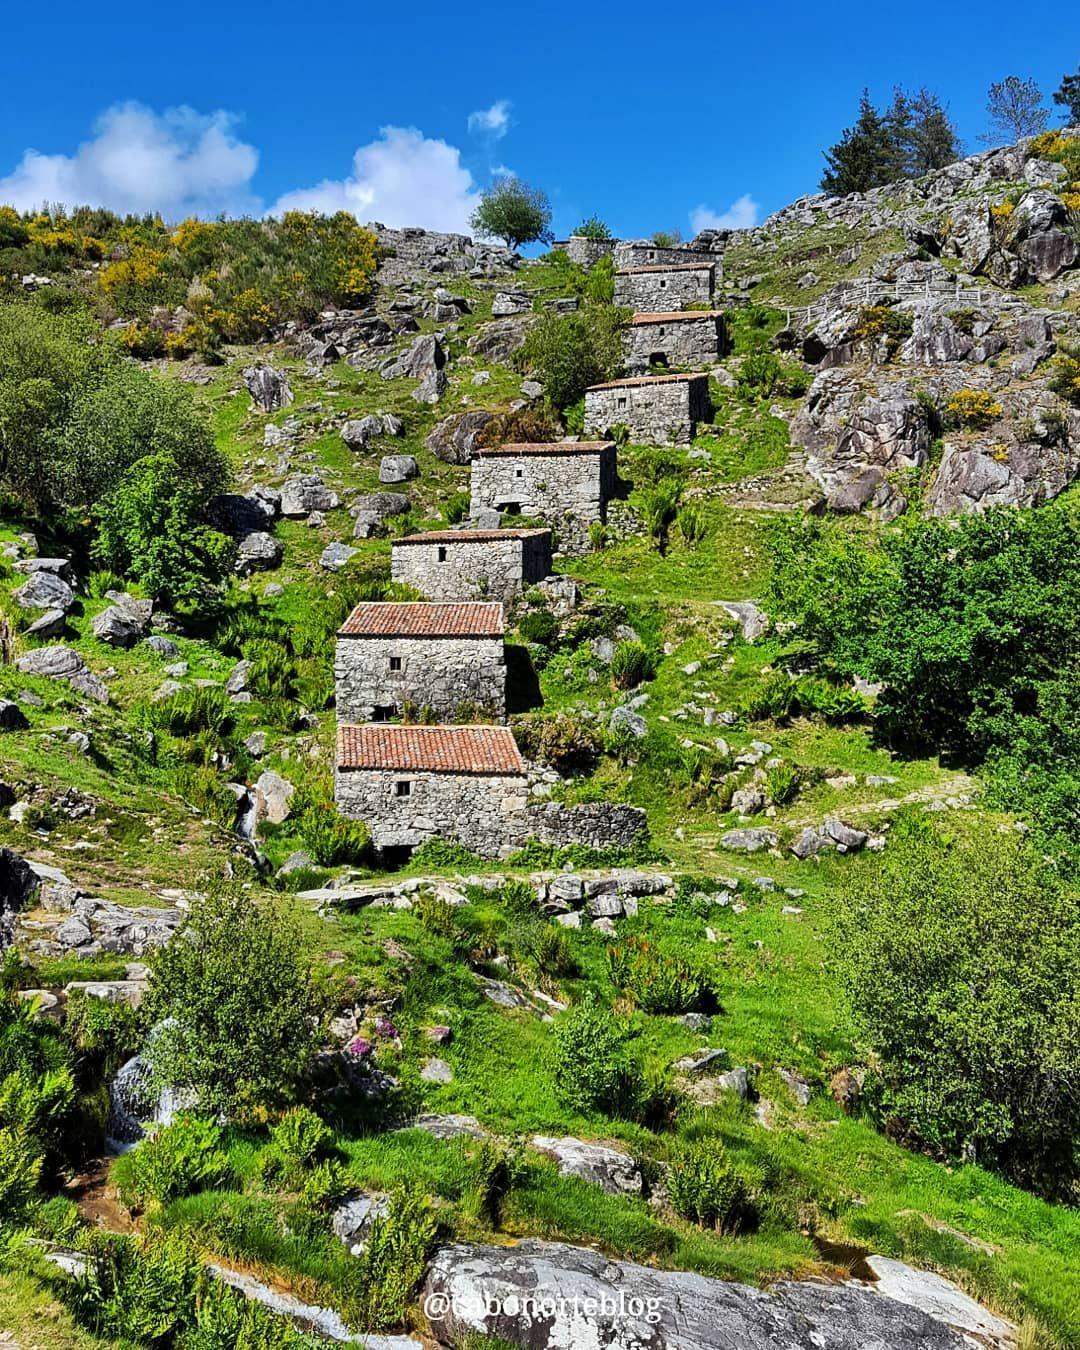 Ruta Polos Muíños Do Folón O Rosal Vía Cabonorteblog Baixomiño Galicia Sientegalicia Lugares De España Lugares Maravillosos Rutas De Senderismo